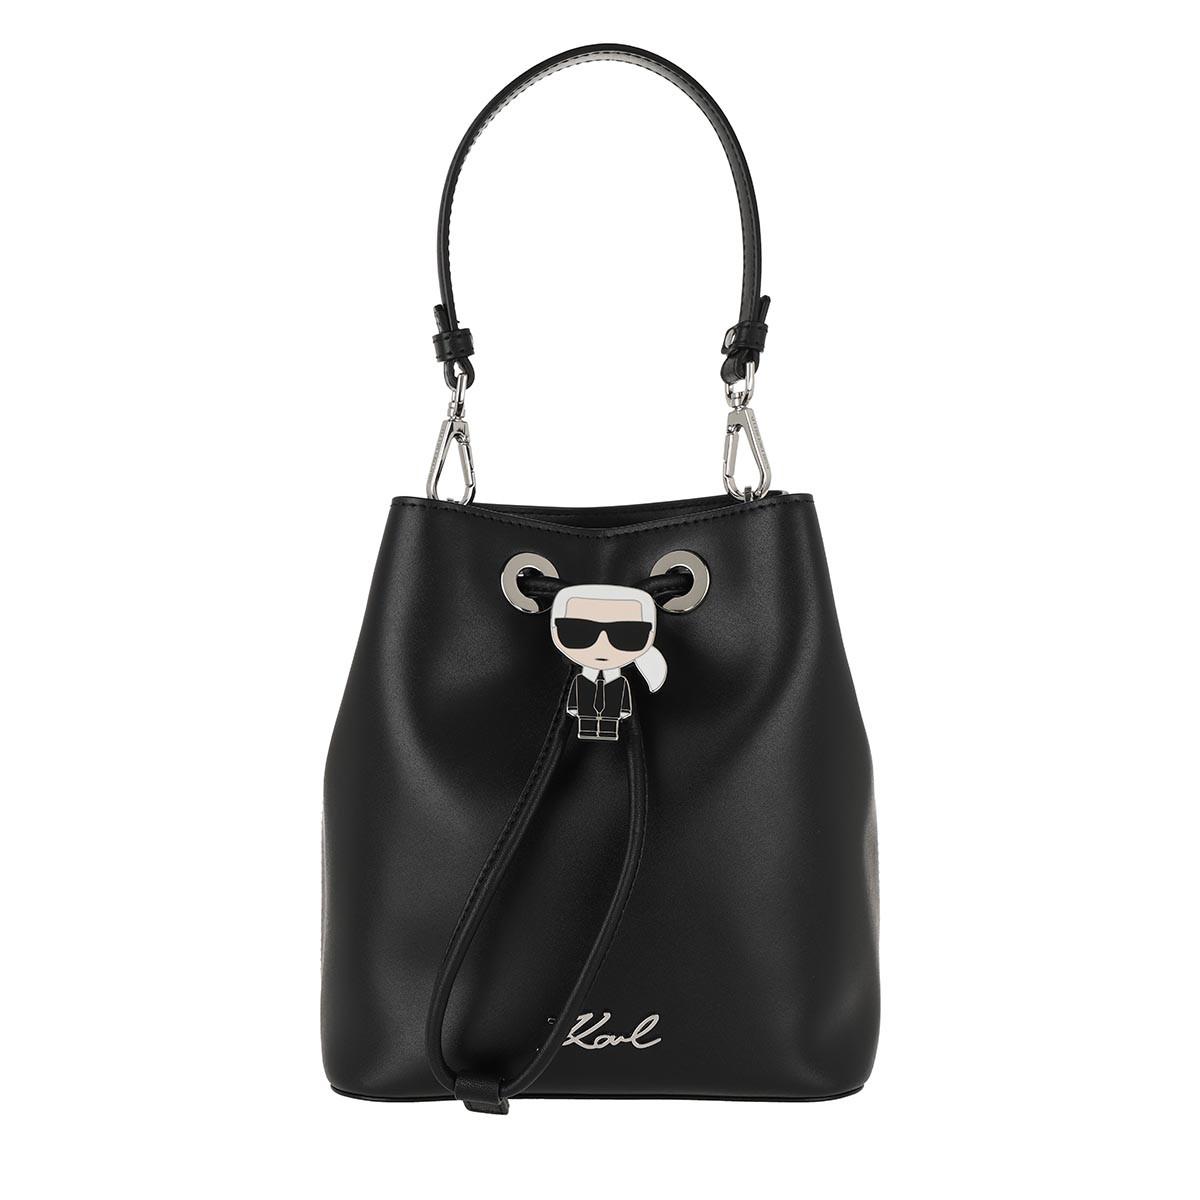 Karl Lagerfeld Beuteltasche - Ikonik Bucket Bag Black - in schwarz - für Damen